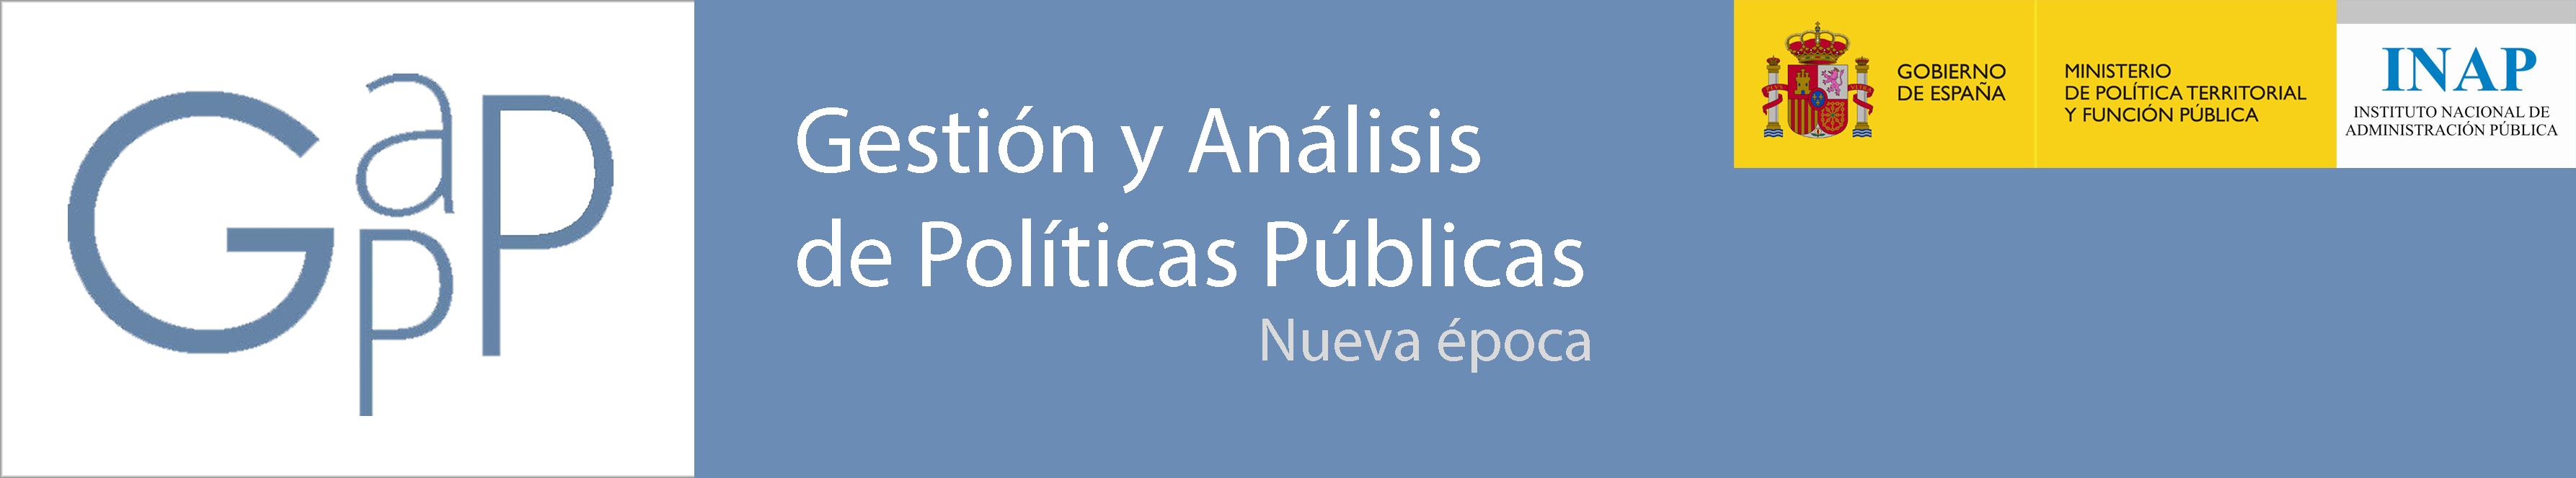 Revista Gestión y Análisis de Políticas Públicas